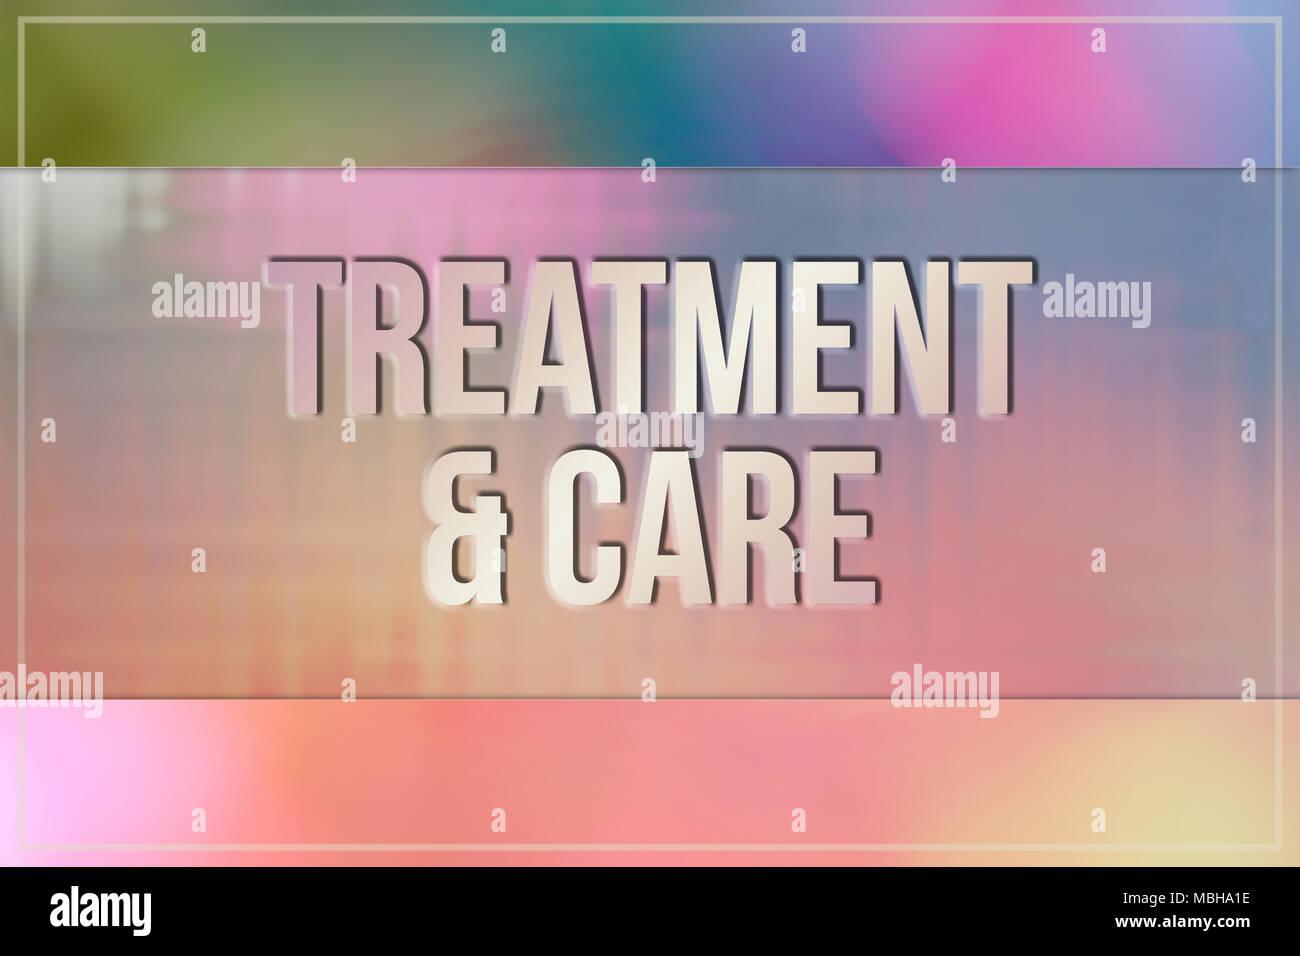 Behandlung & Pflege, Medizin & Medikamente konzeptionelle Worte, mit Wirbeln & bunt als Hintergrund für Webseite, Grafik Design, Katalog oder Tapeten. Stockfoto